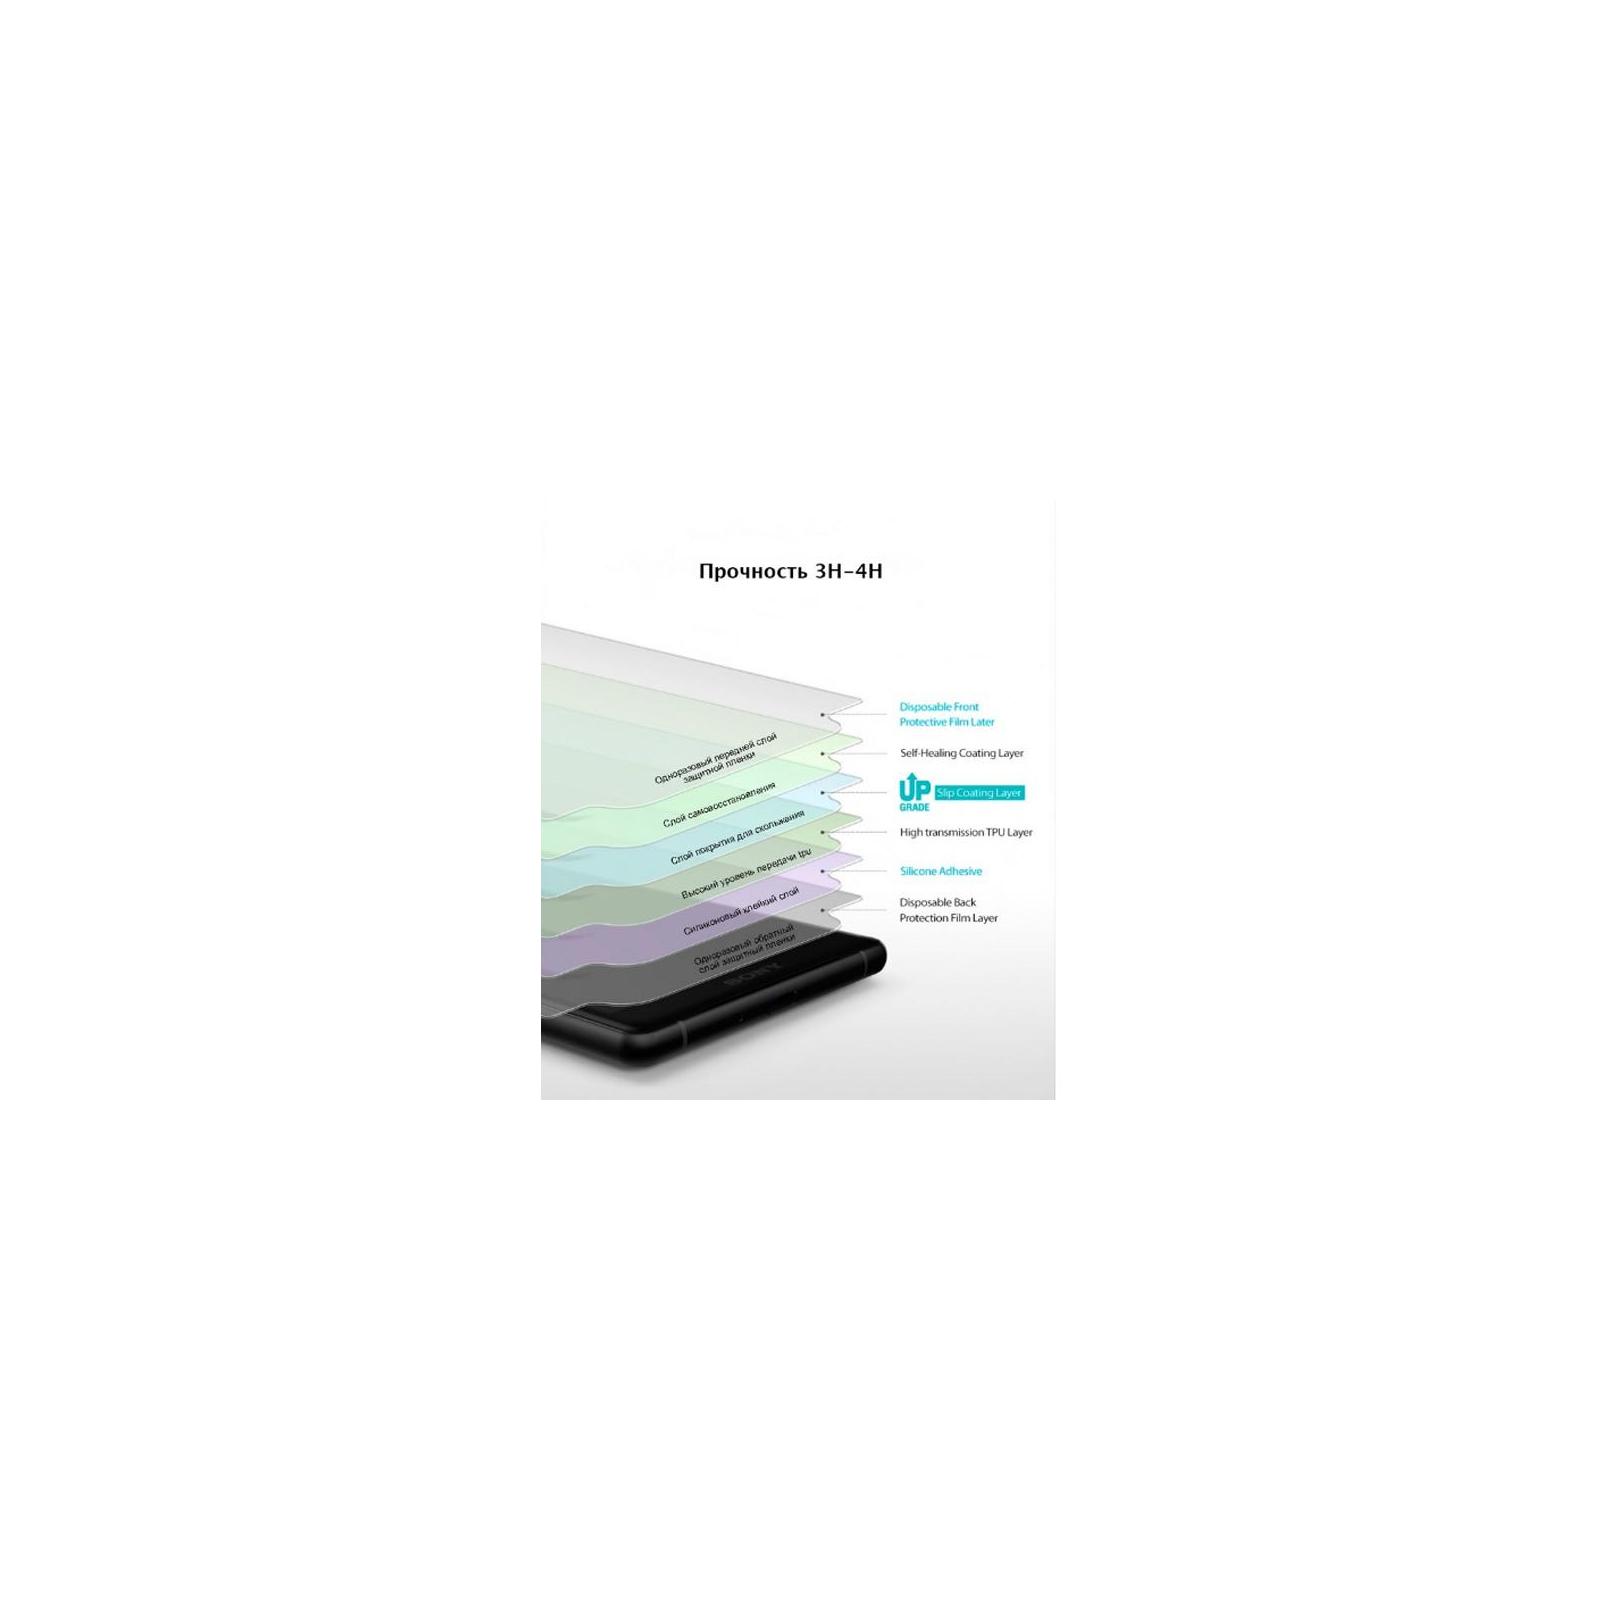 Пленка защитная Ringke для телефона Sony Xperia XZ2 Compact Full Cover (RSP4456) изображение 6